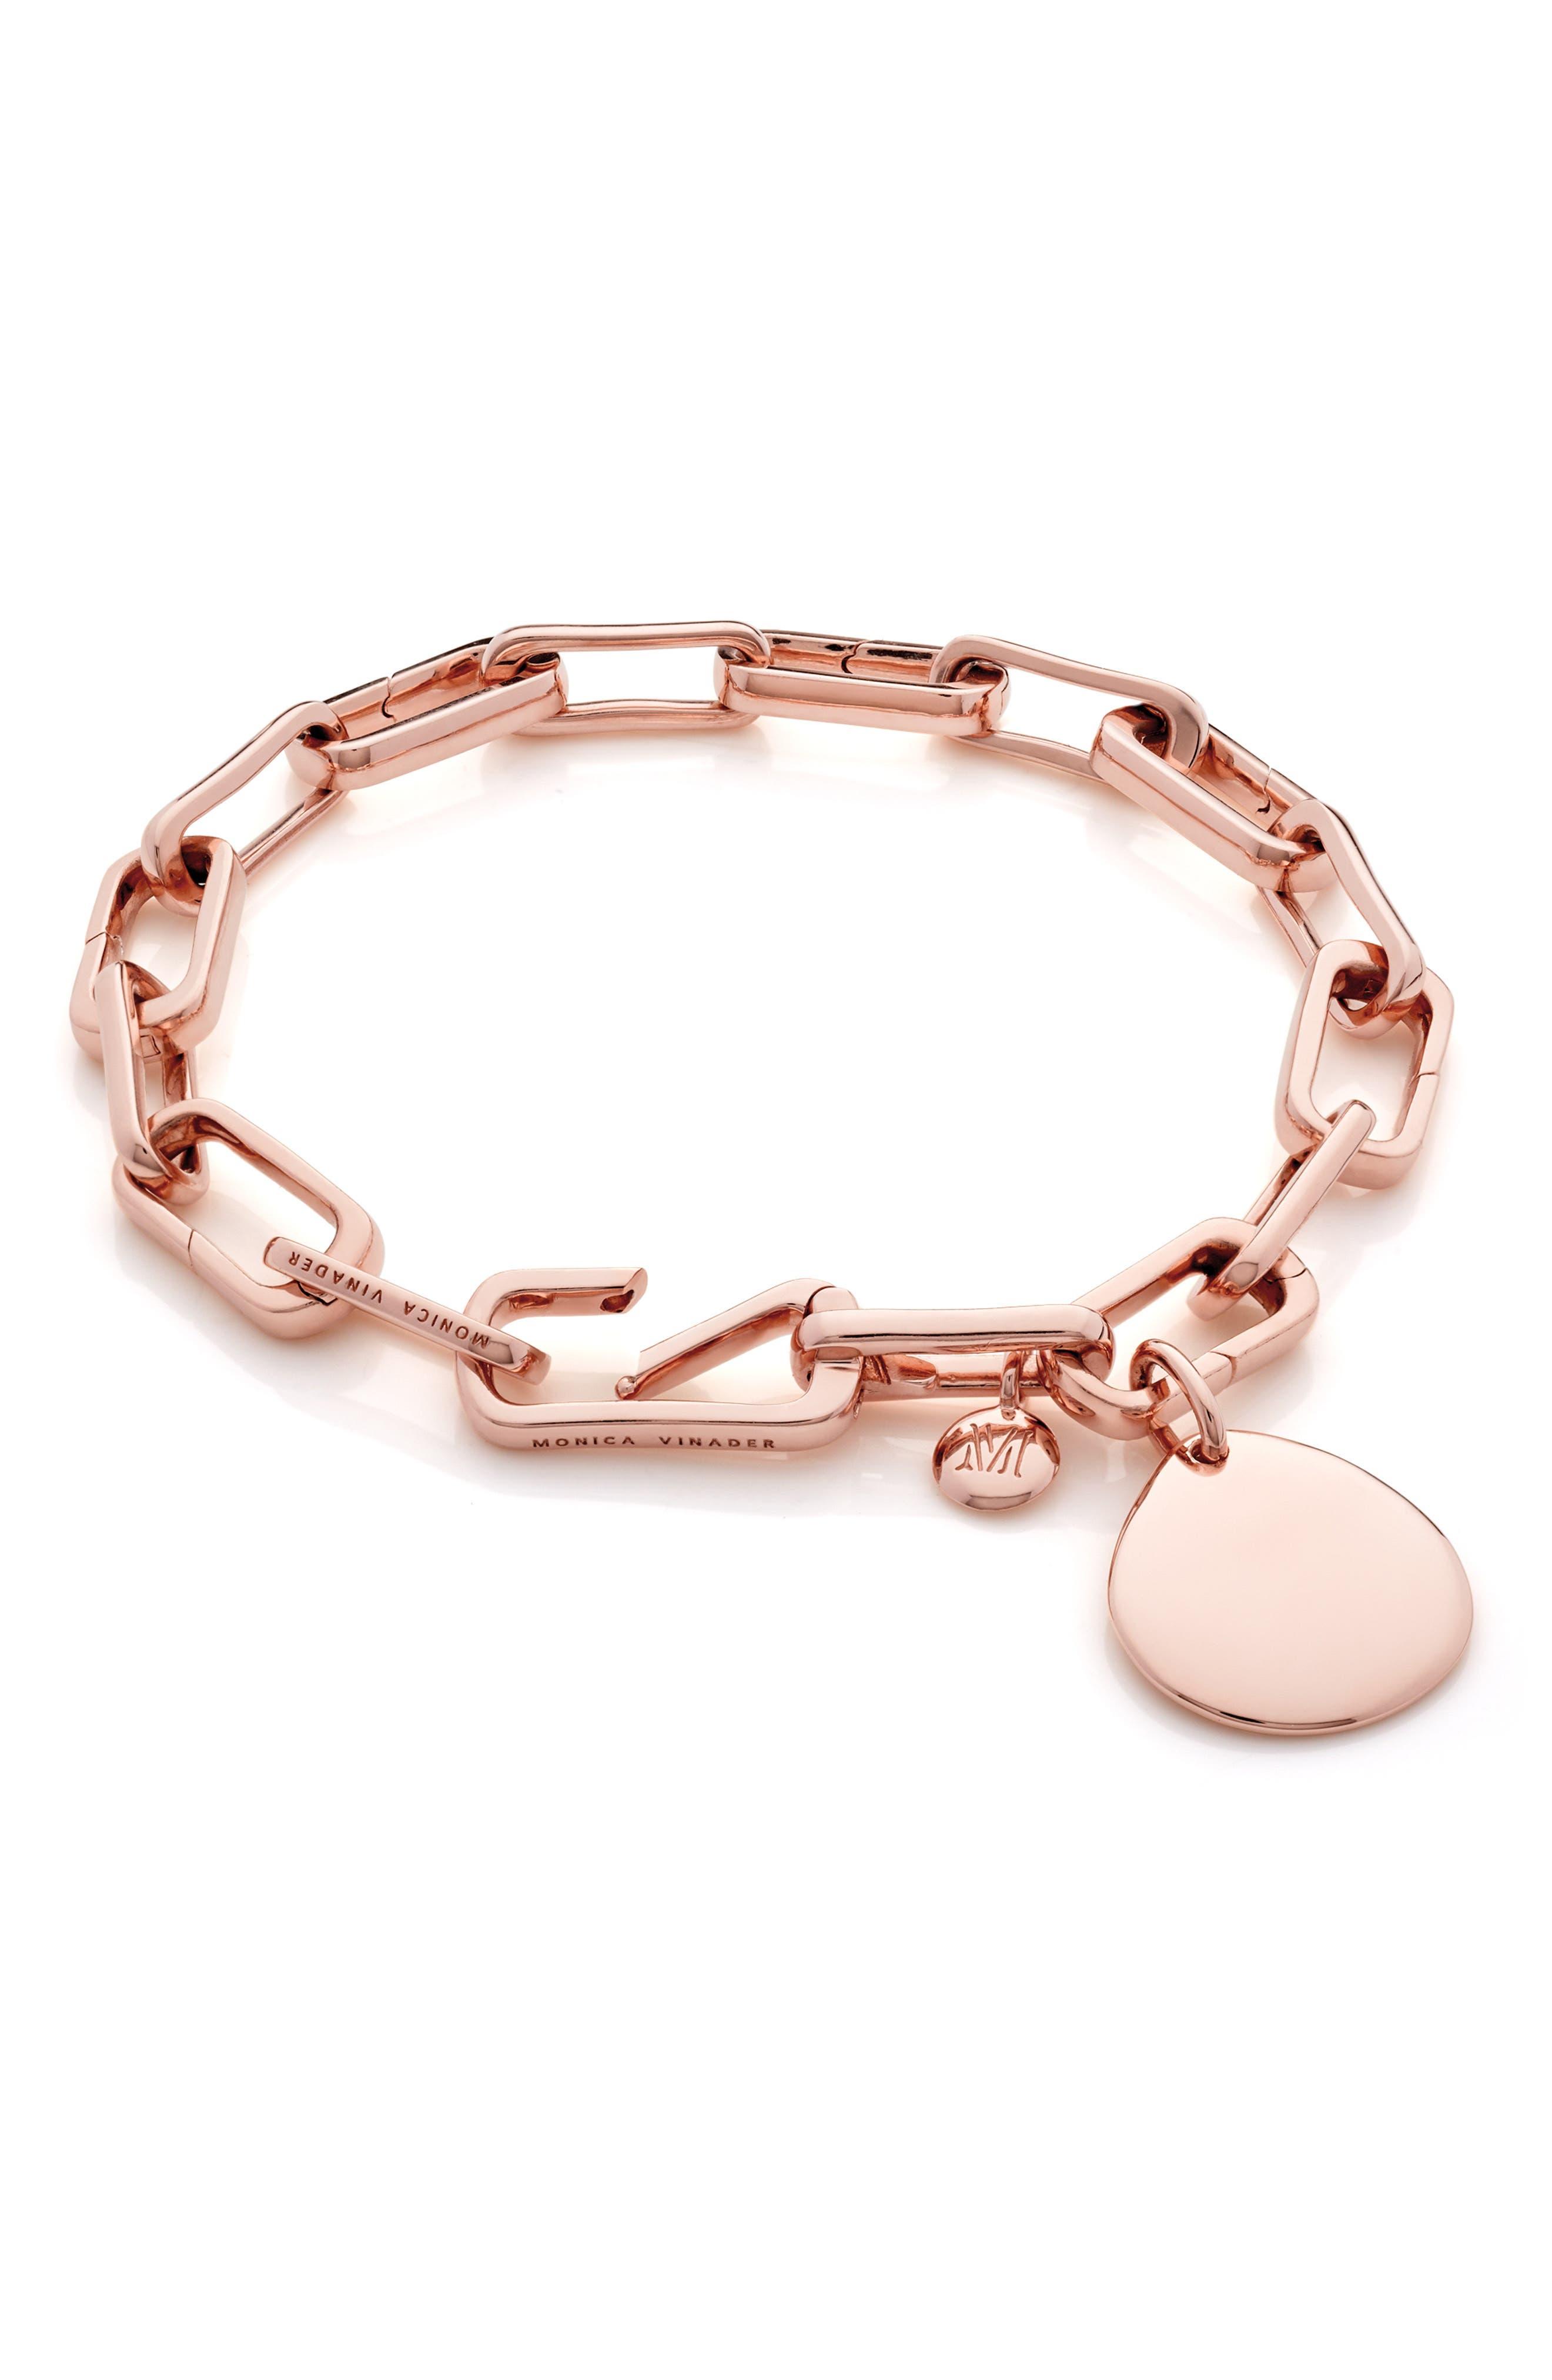 MONICA VINADER, Alta Capture Link Chain Bracelet, Alternate thumbnail 6, color, ROSE GOLD